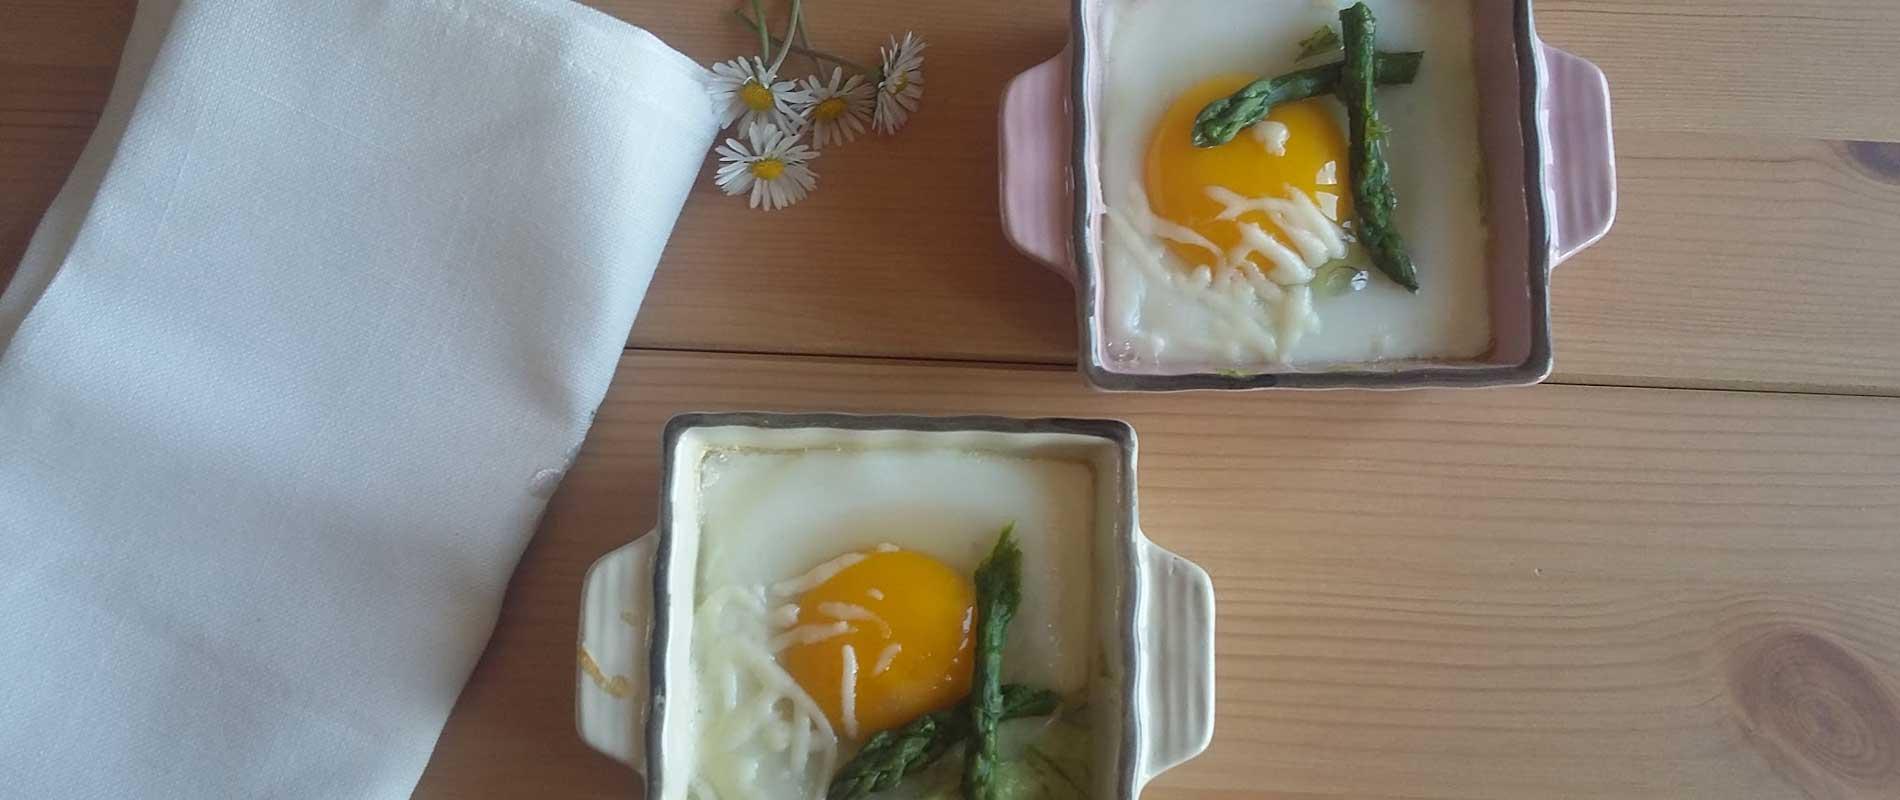 Uova e asparagi in cocotte